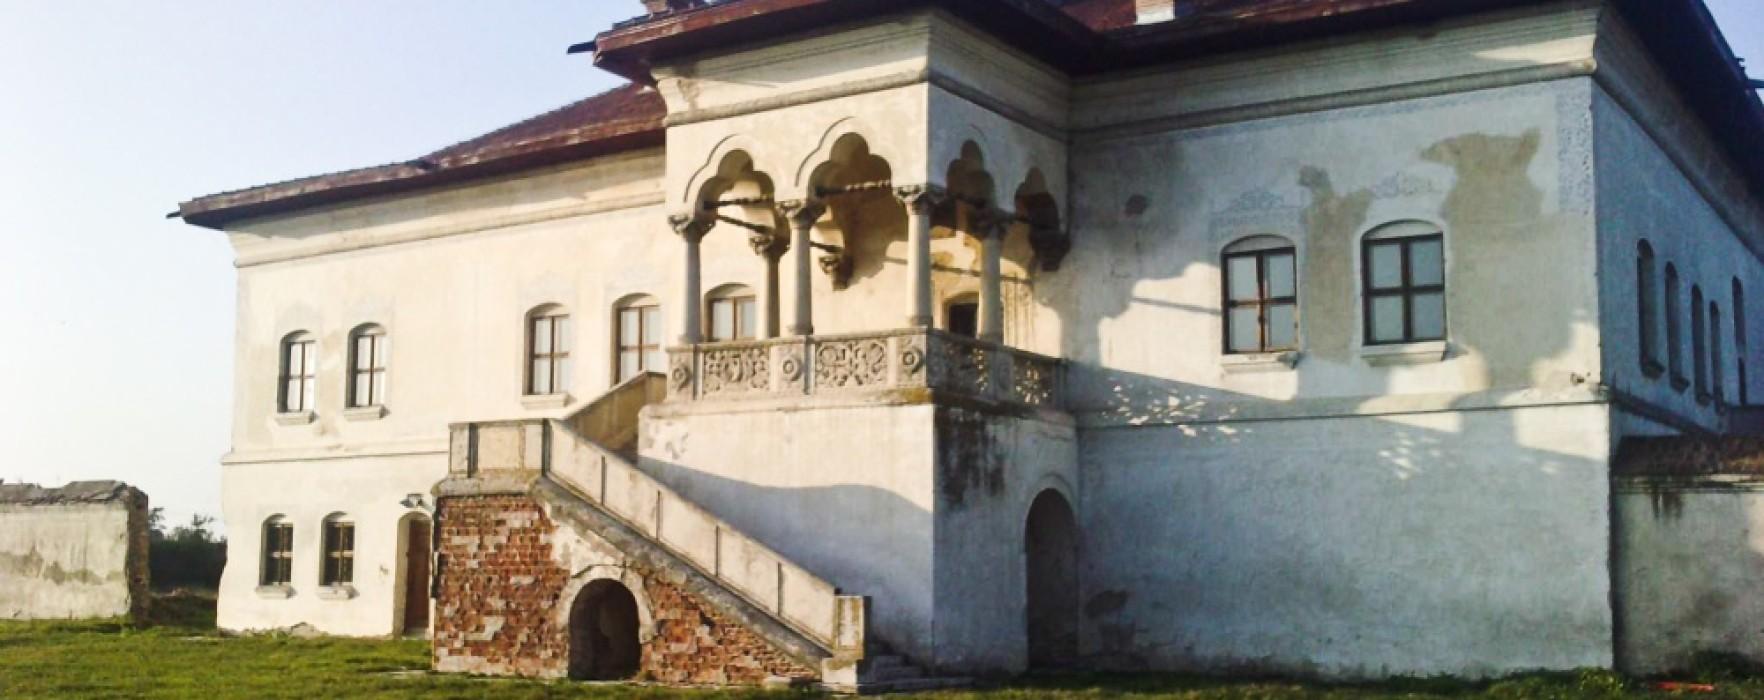 Lucrările pentru proiectul european de la Palatul Brâncovenesc Potlogi, în procedură de achiziţie